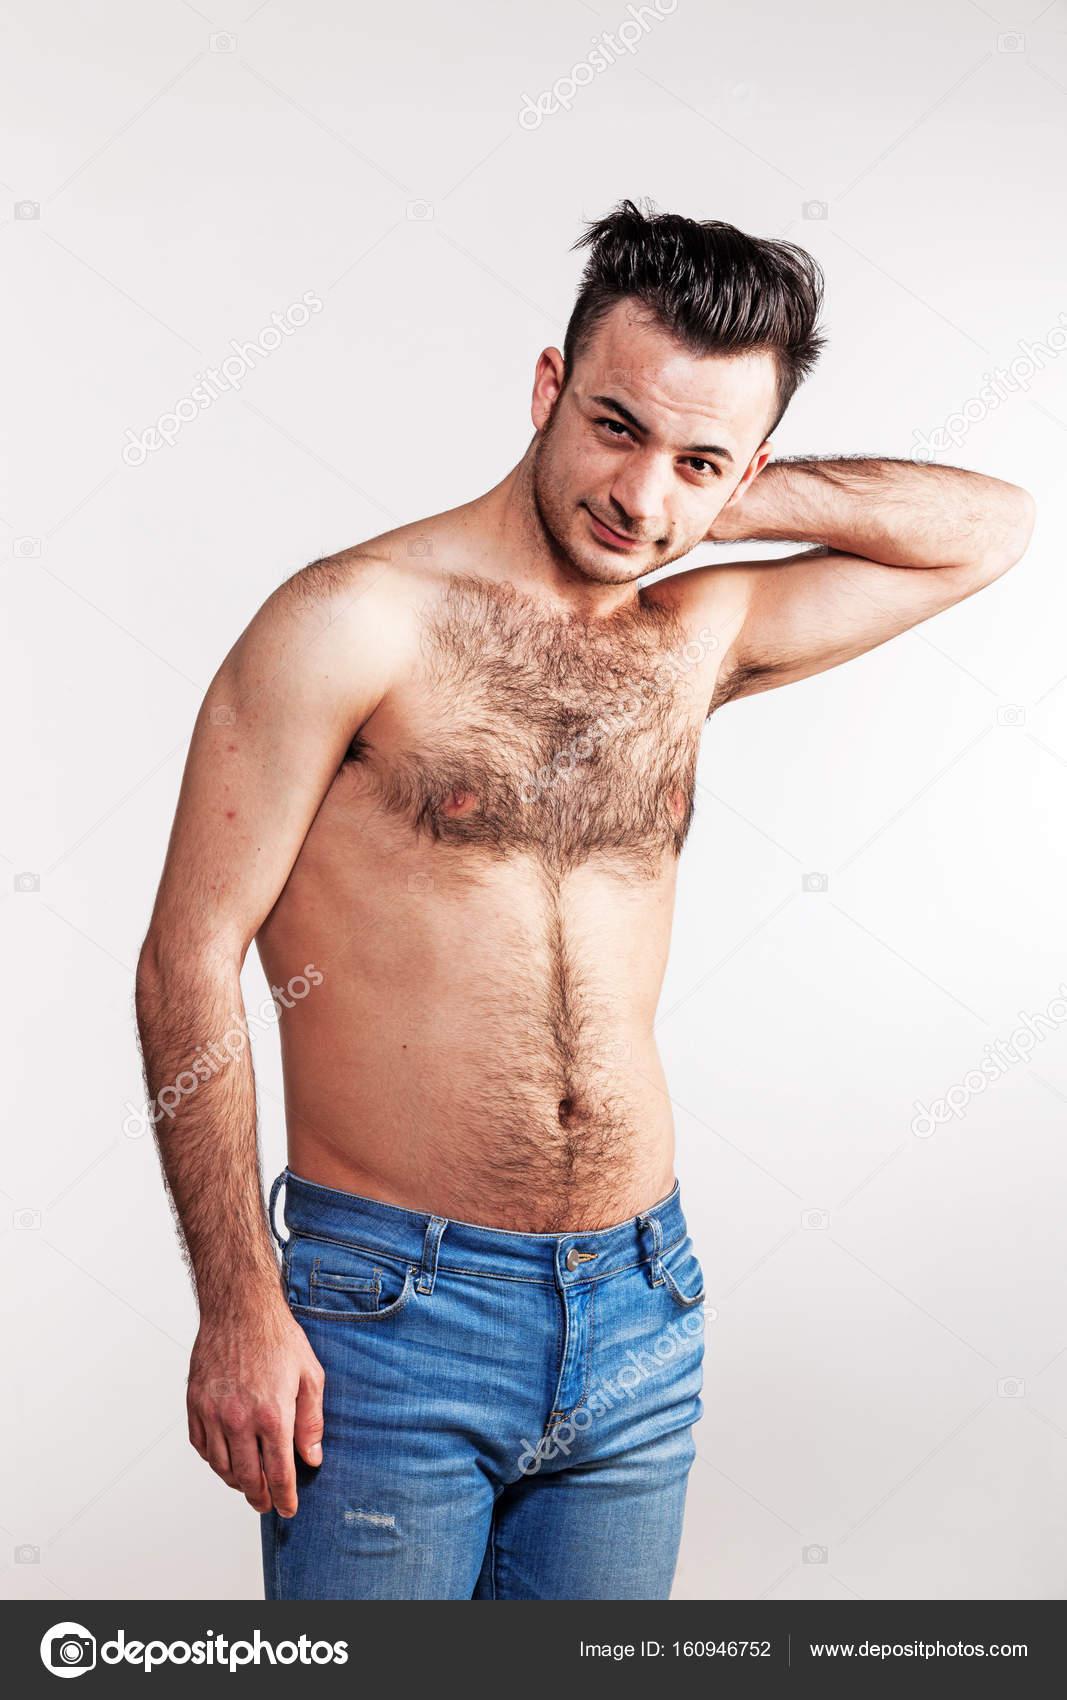 Gay άνθρωπος θέσεις σεξ